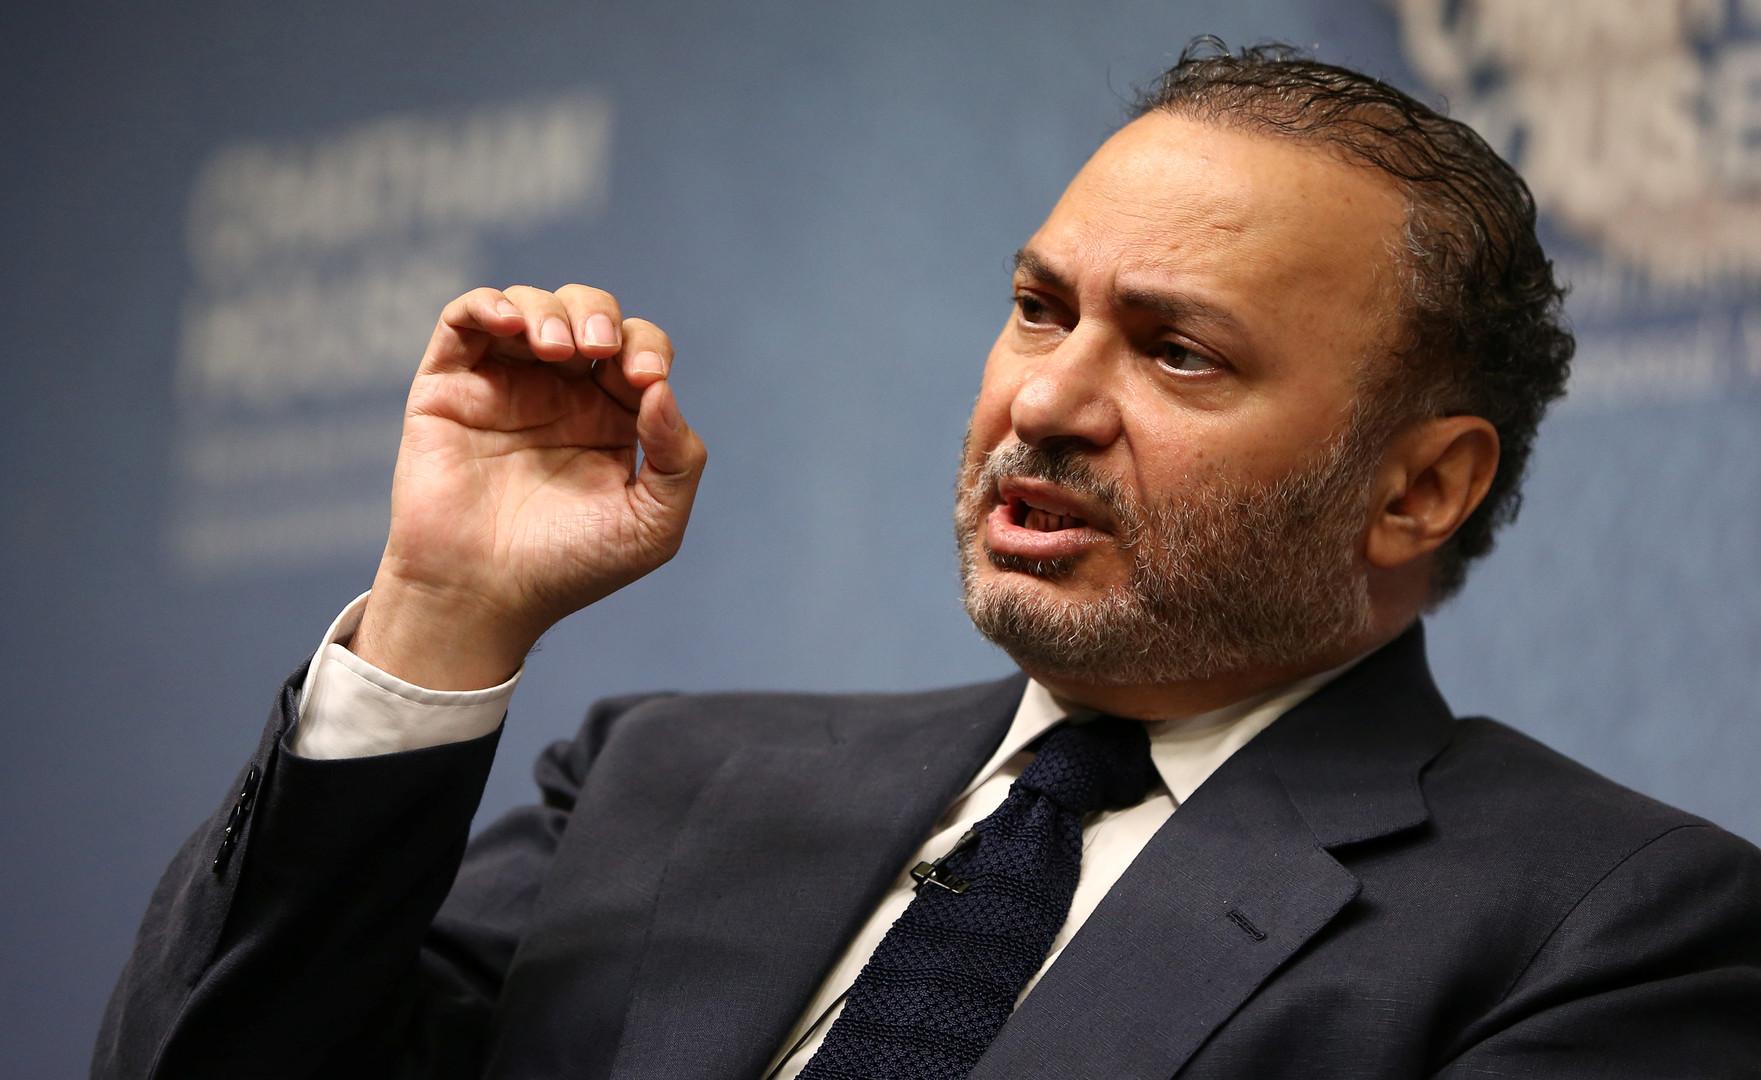 أنور قرقاش يفصل موقف بلاده مما يحدث في ليبيا حاليا!